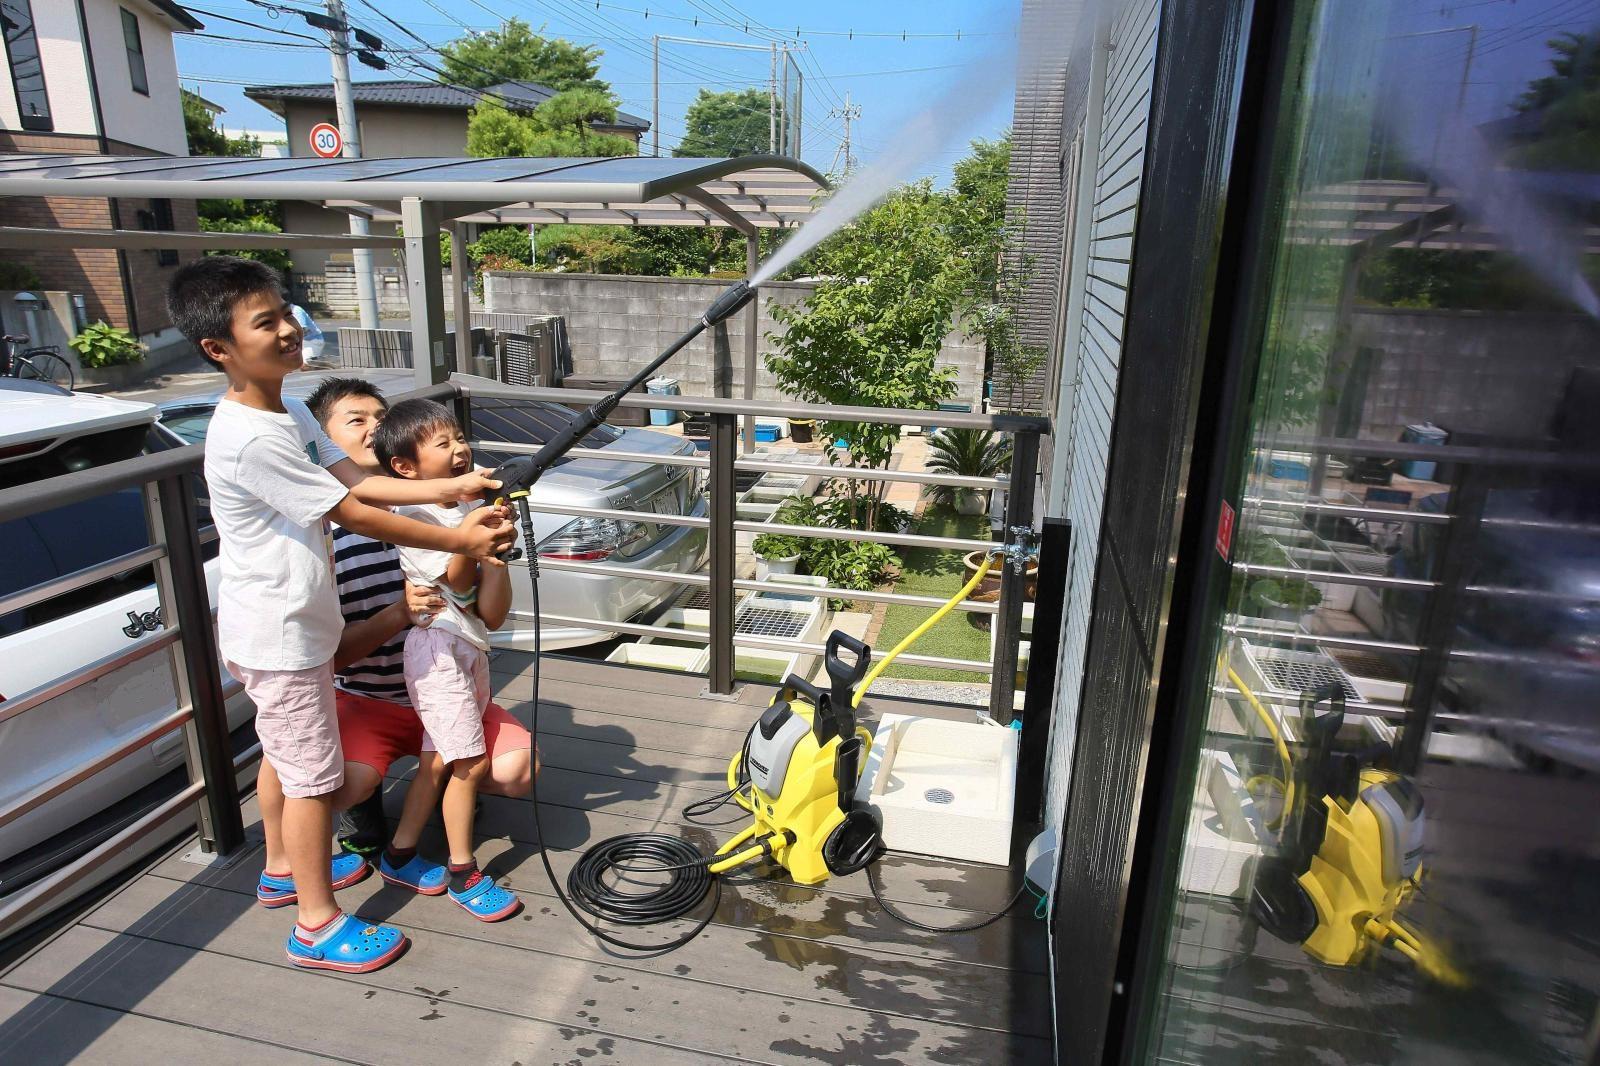 高圧洗浄機で外壁掃除をする親子